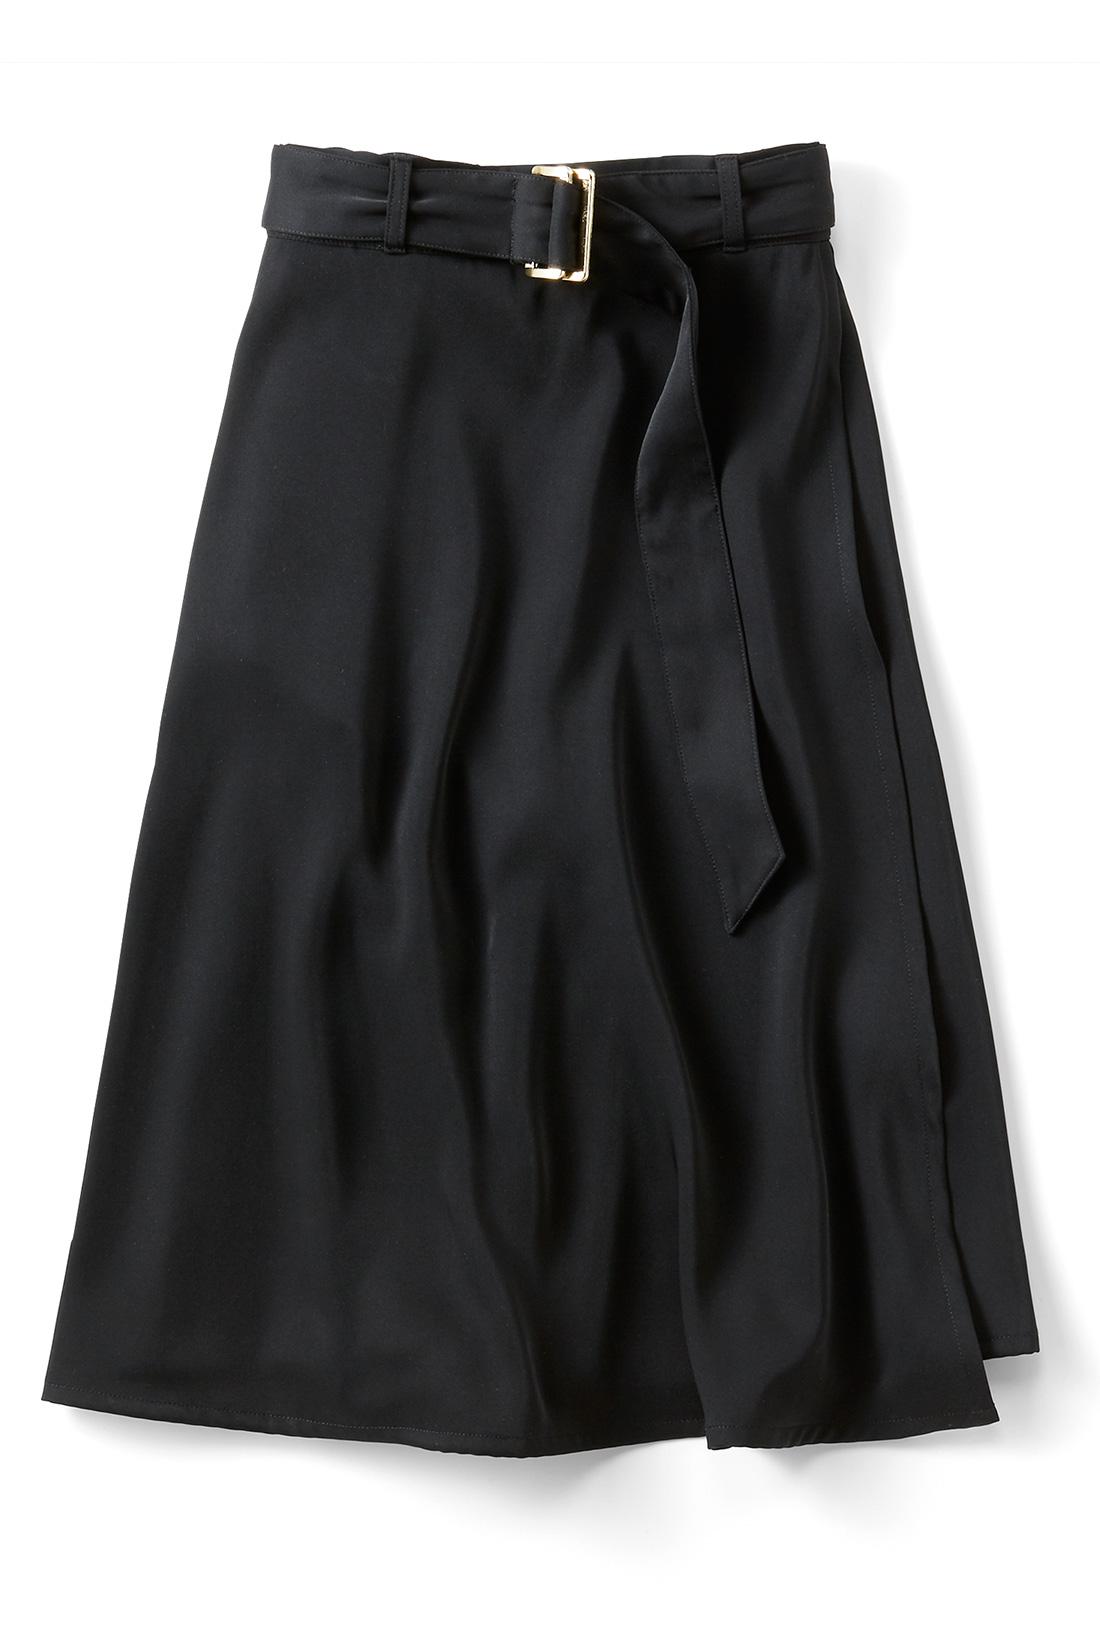 万能に着まわせる〈ブラック〉 右のサイドにはポケット付き。 ※商品の色味はこちらをご参考にされてください。